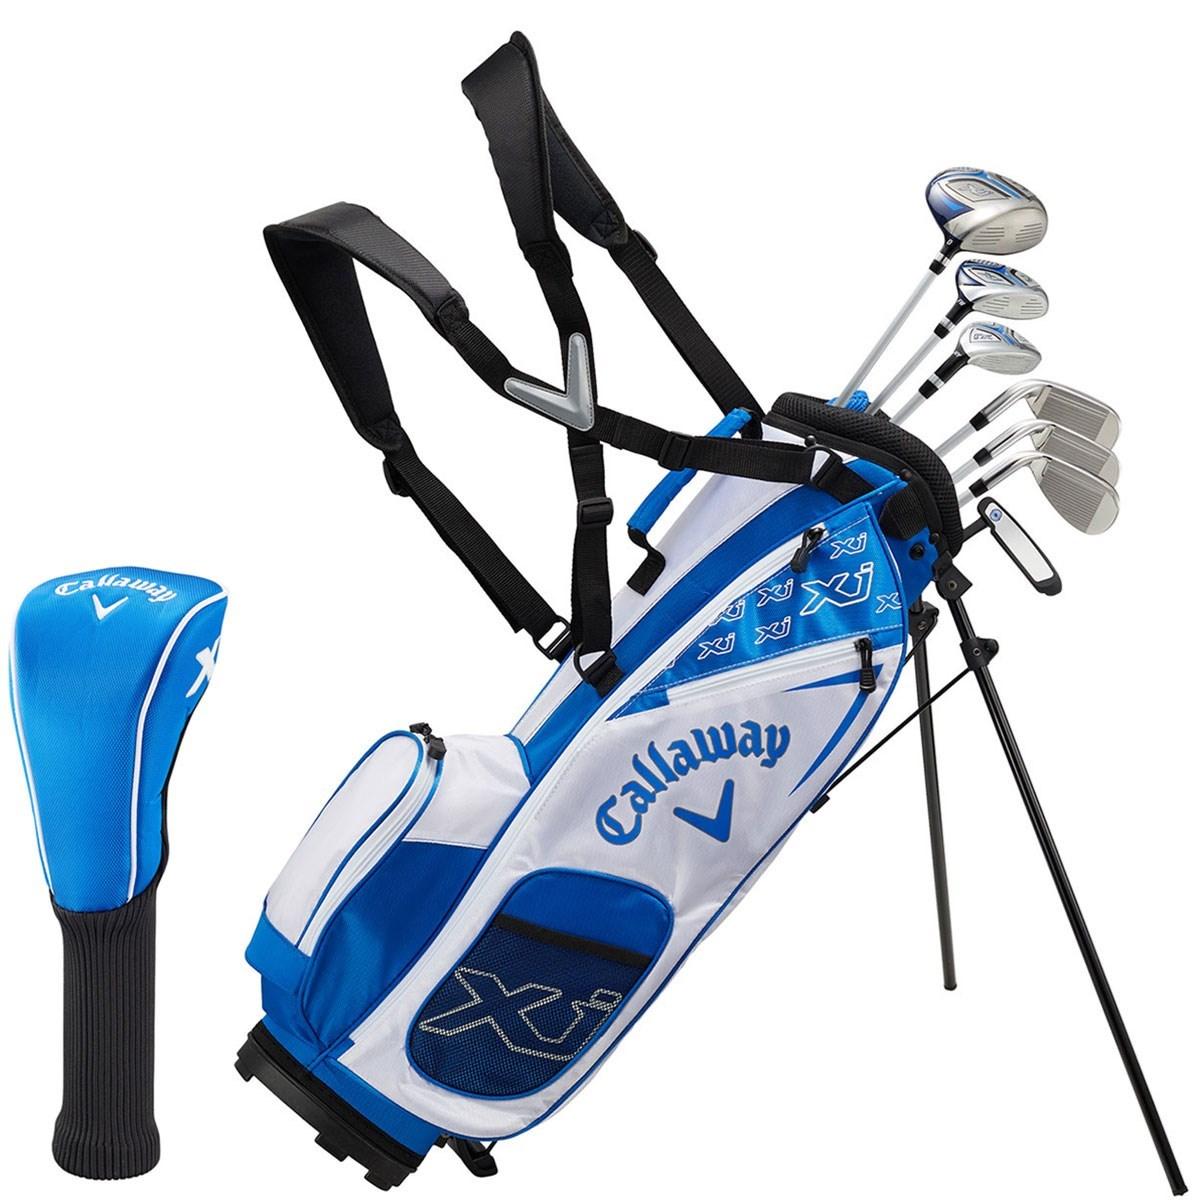 キャロウェイゴルフ(Callaway Golf) XJ-3 クラブセット(7本セット)130-150cmサイズジュニア